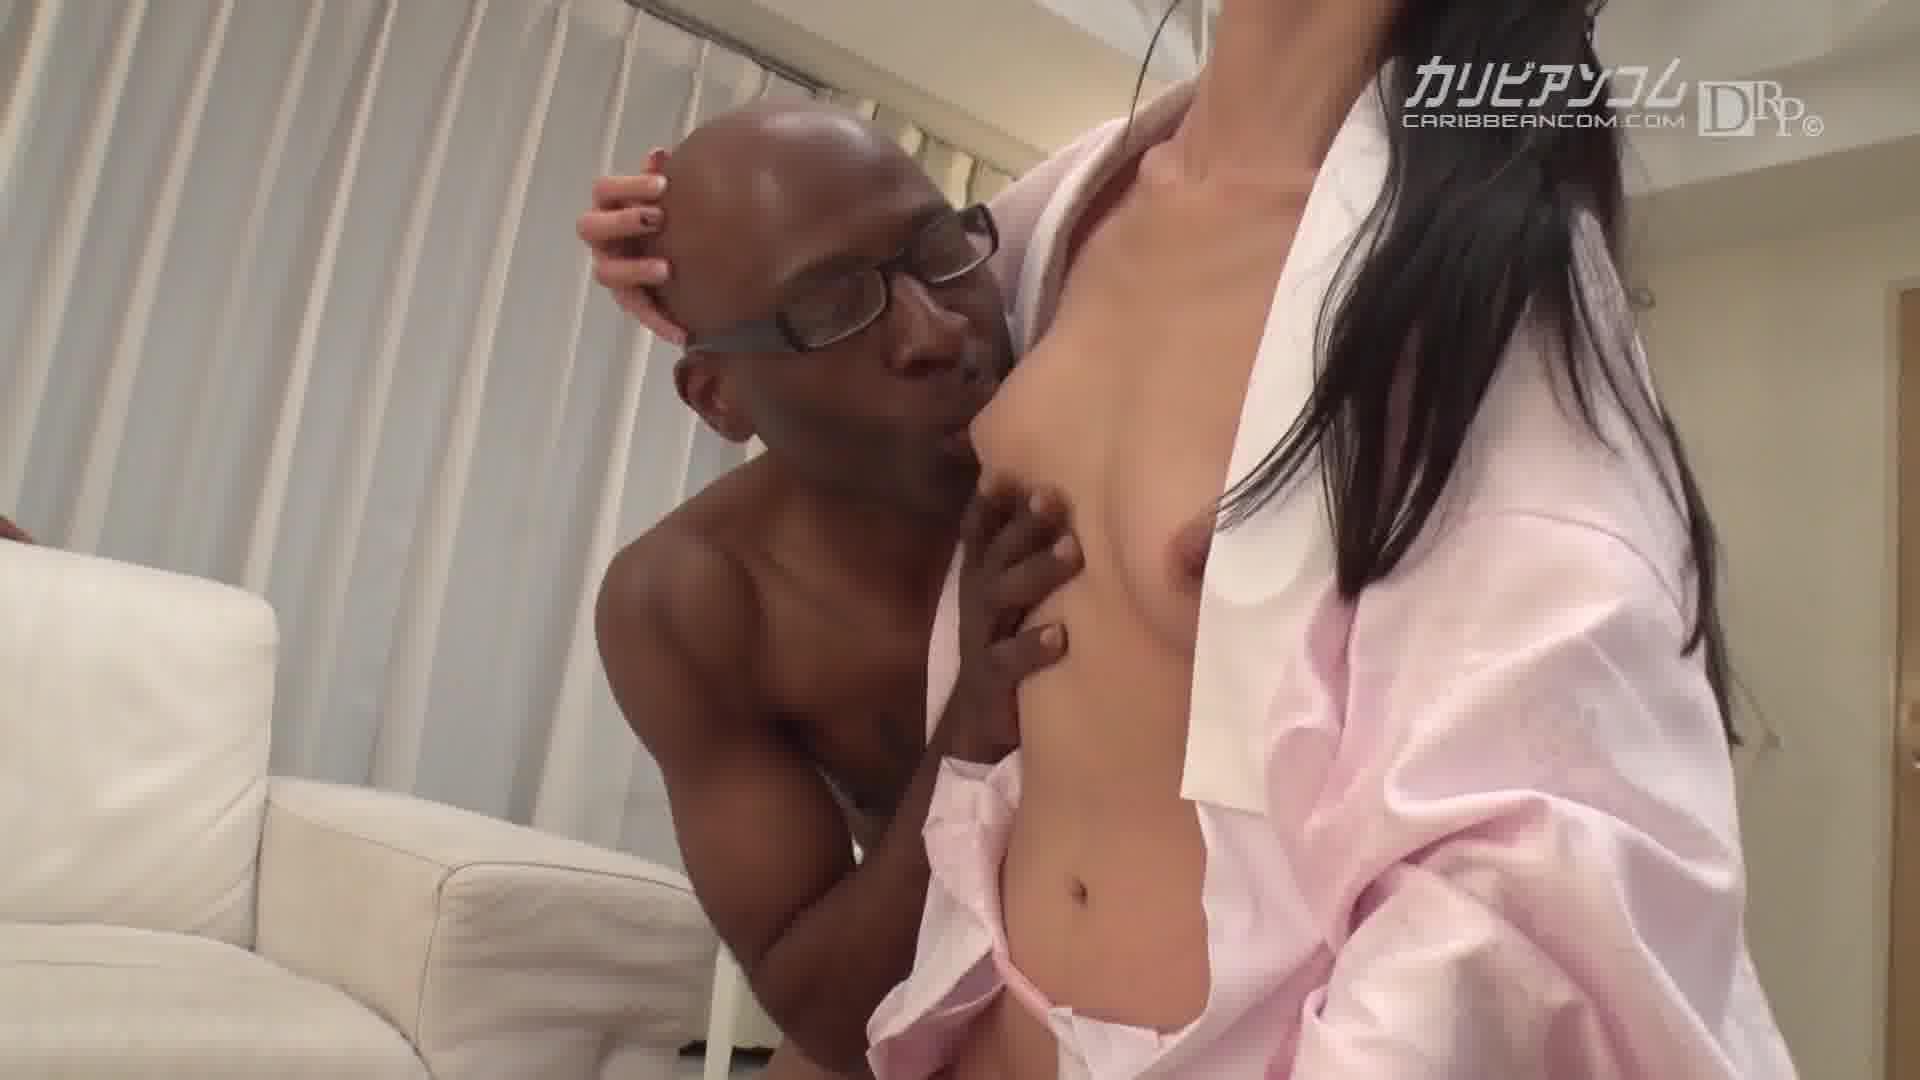 黒人デカマラ集団メガ挿入 - まりか【乱交・パイパン・隠語】